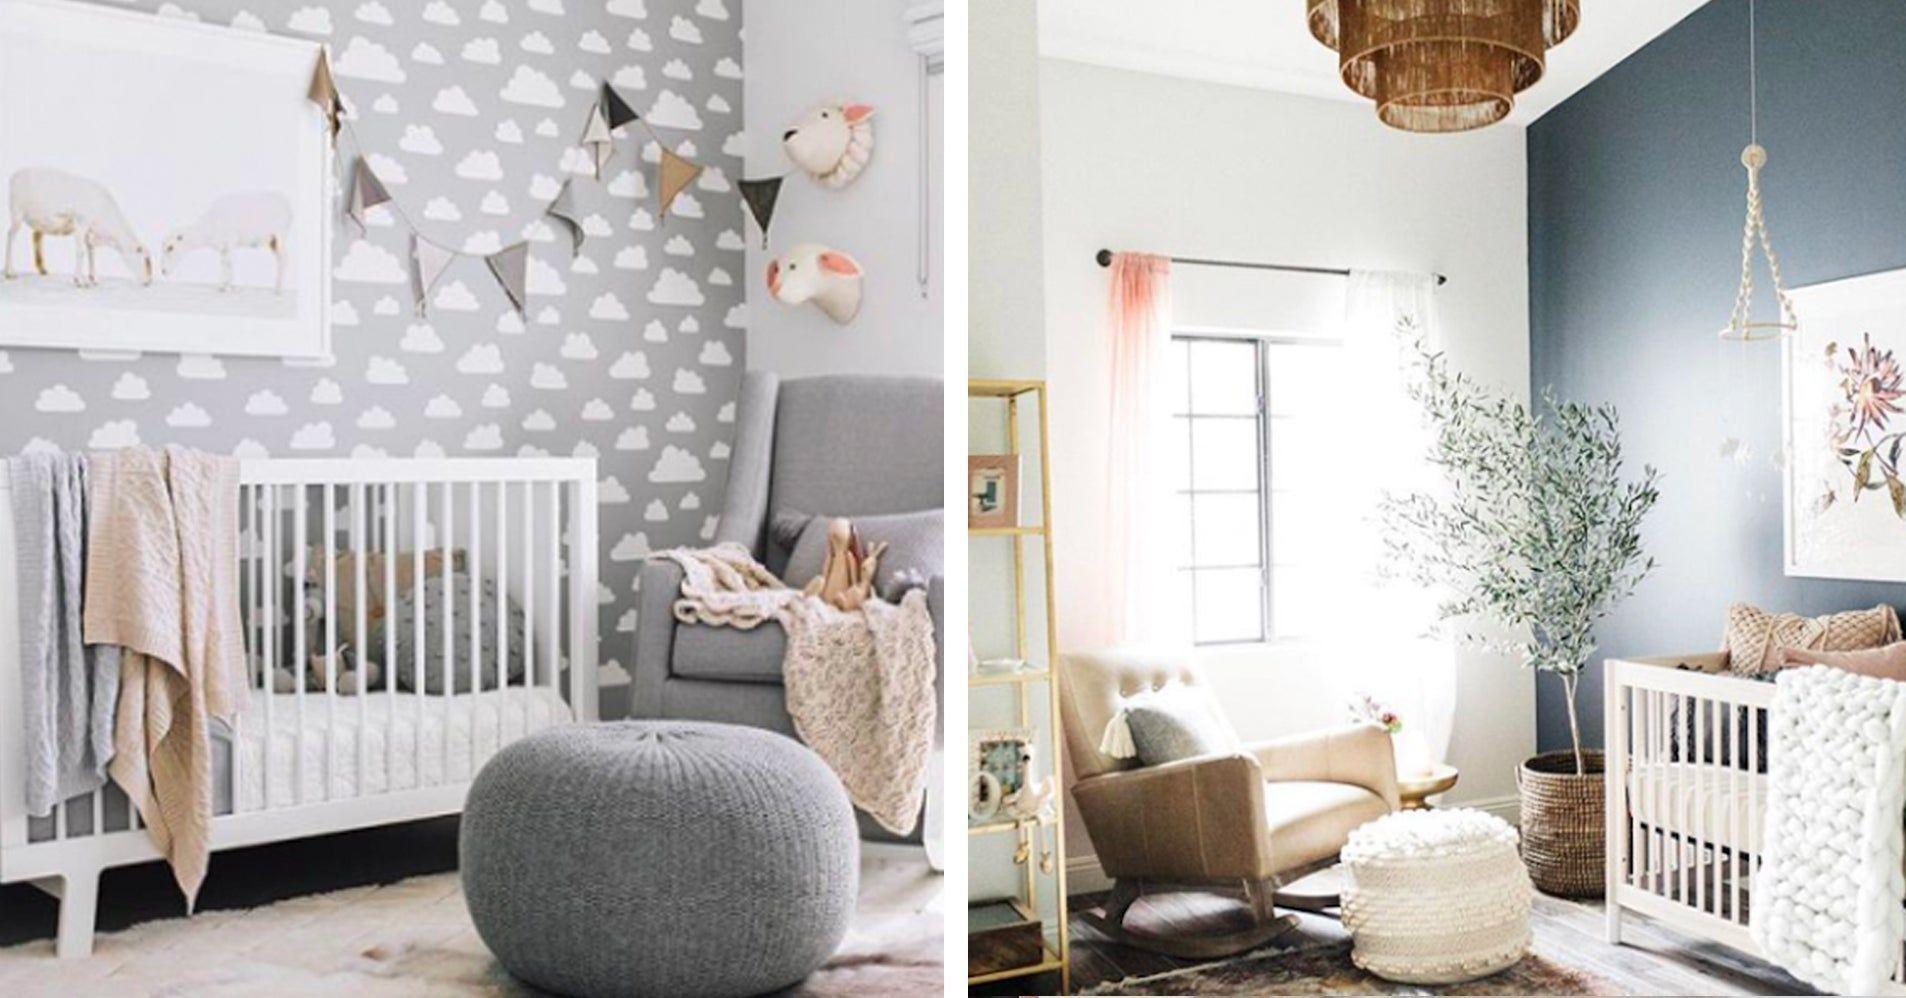 17 Wirklich Wunderschöne Babyzimmer In Neutralen Farben Babyzimmer Farbewandgestaltung Farben Neutralen Wirklich Wunderschöne In 2020 Home Decor Furniture Home